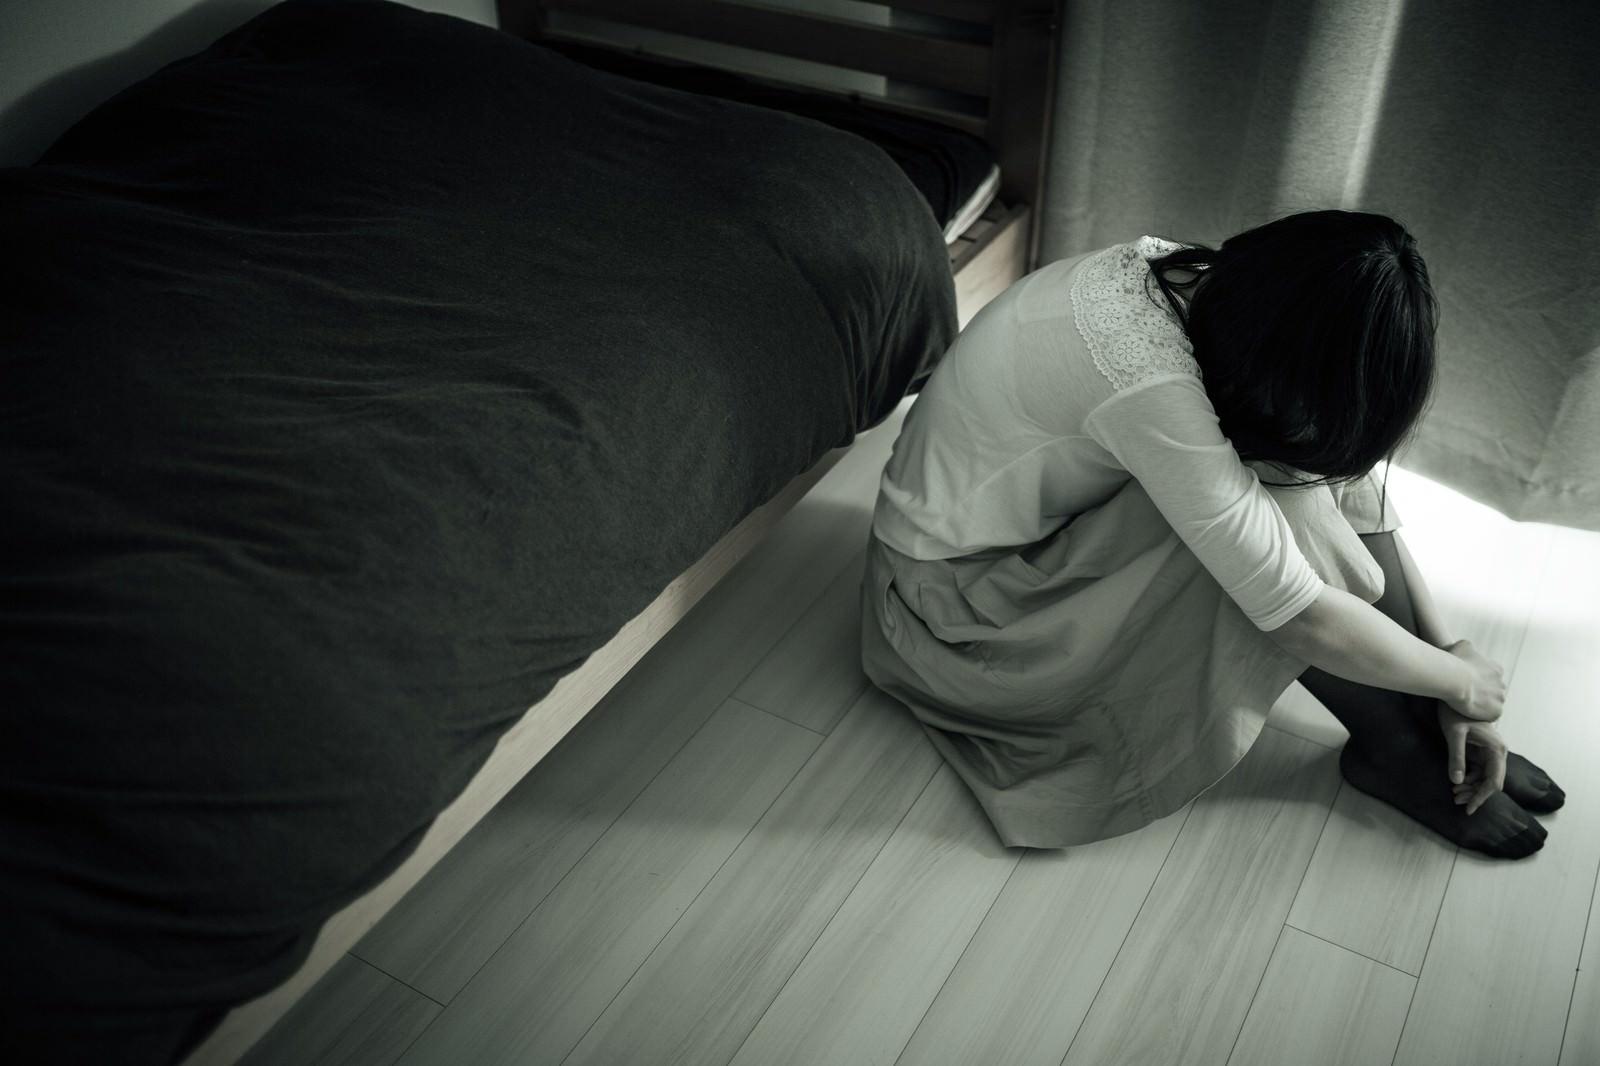 「ジャパニーズホラーごっこ(憂鬱な朝)」の写真[モデル:たけべともこ]